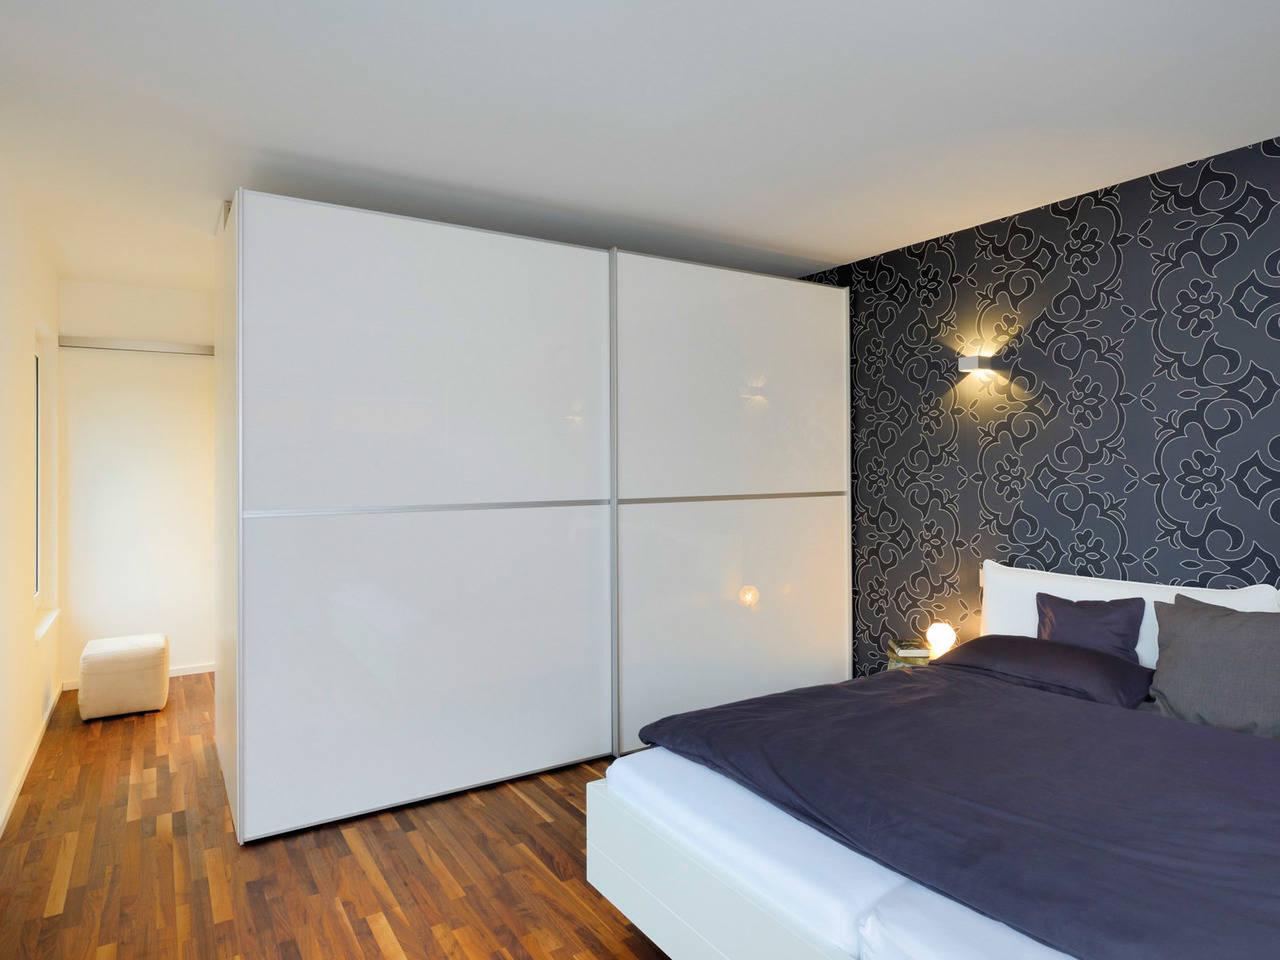 Fertighaus Weiss Bauhaus Hirsch Schlafzimmer